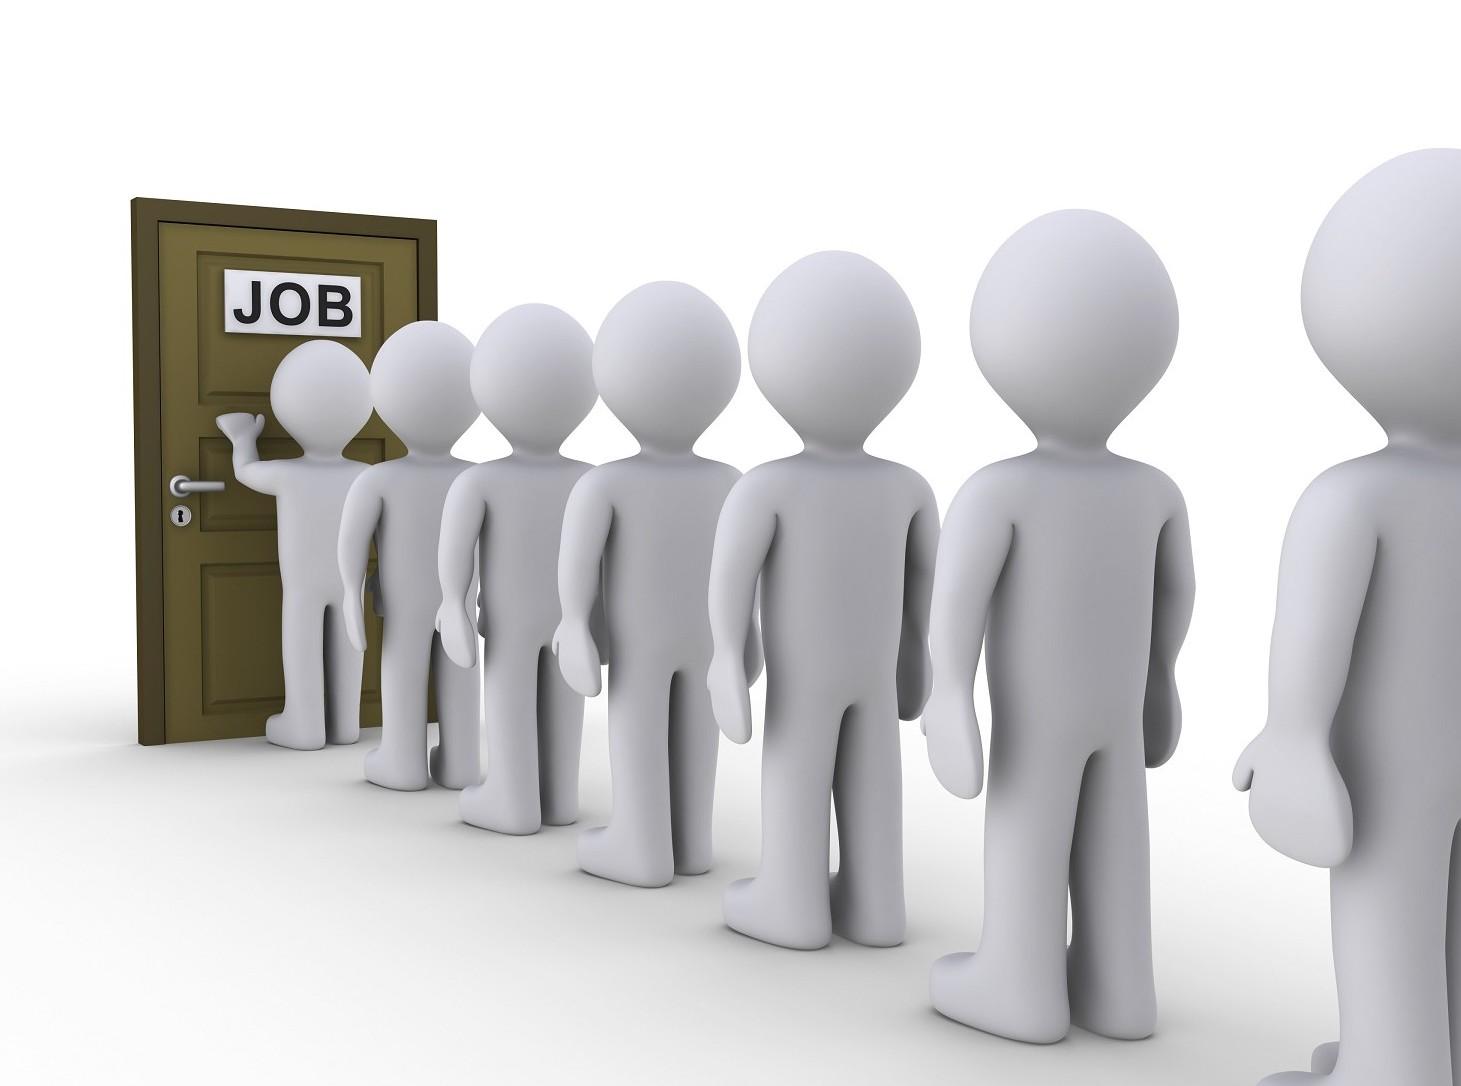 Lavoro interinale: cos'è e come funziona il contratto?